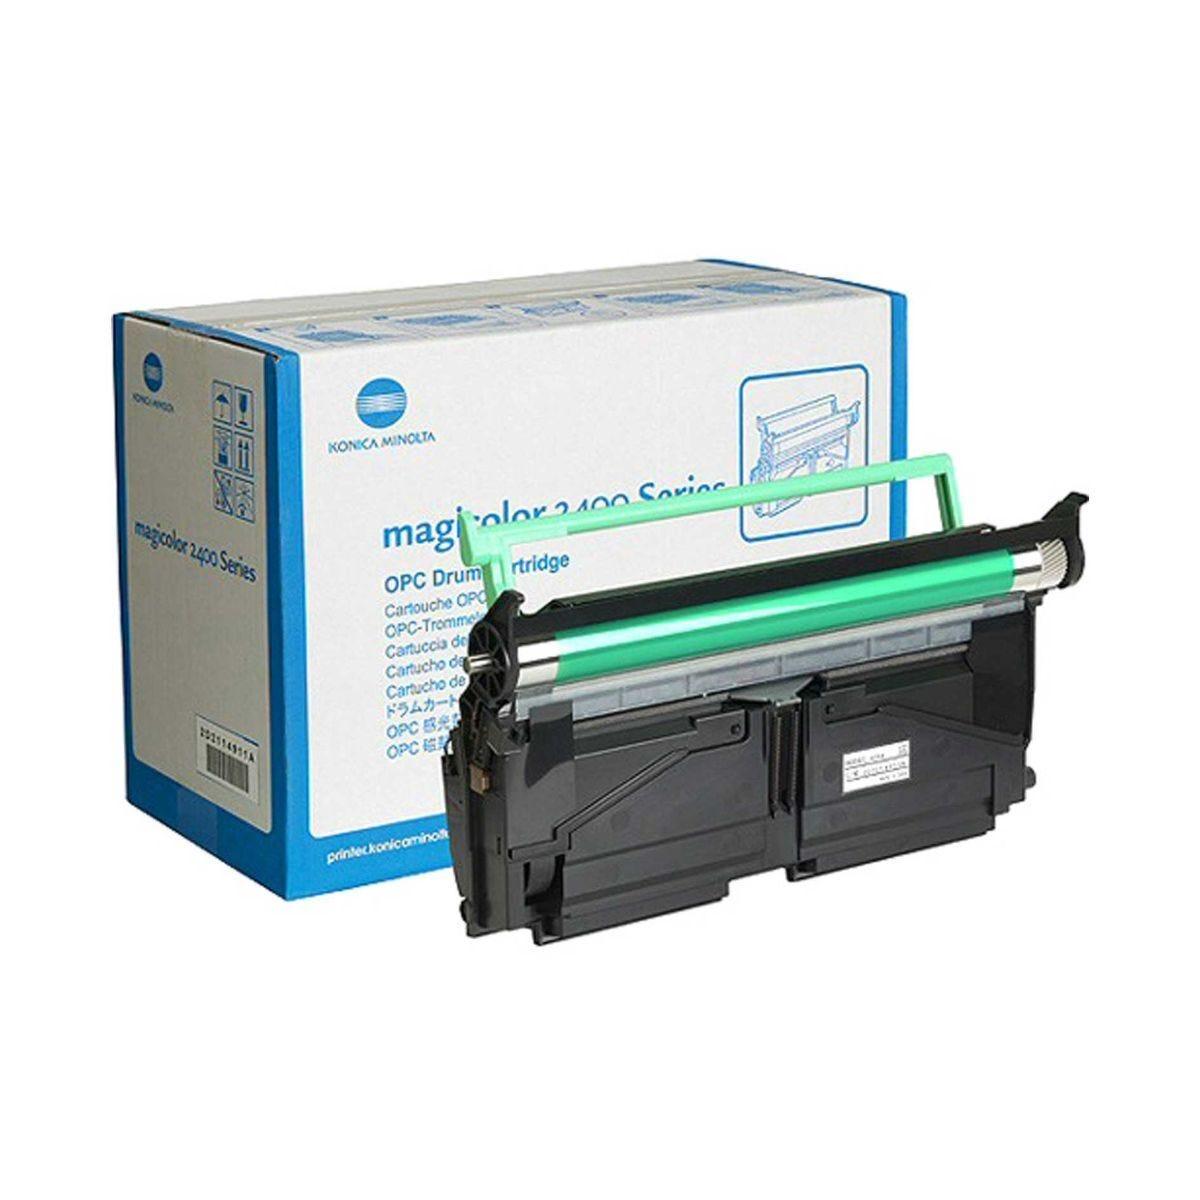 Konica Minolta 4059211 OPC Drum Cartridge